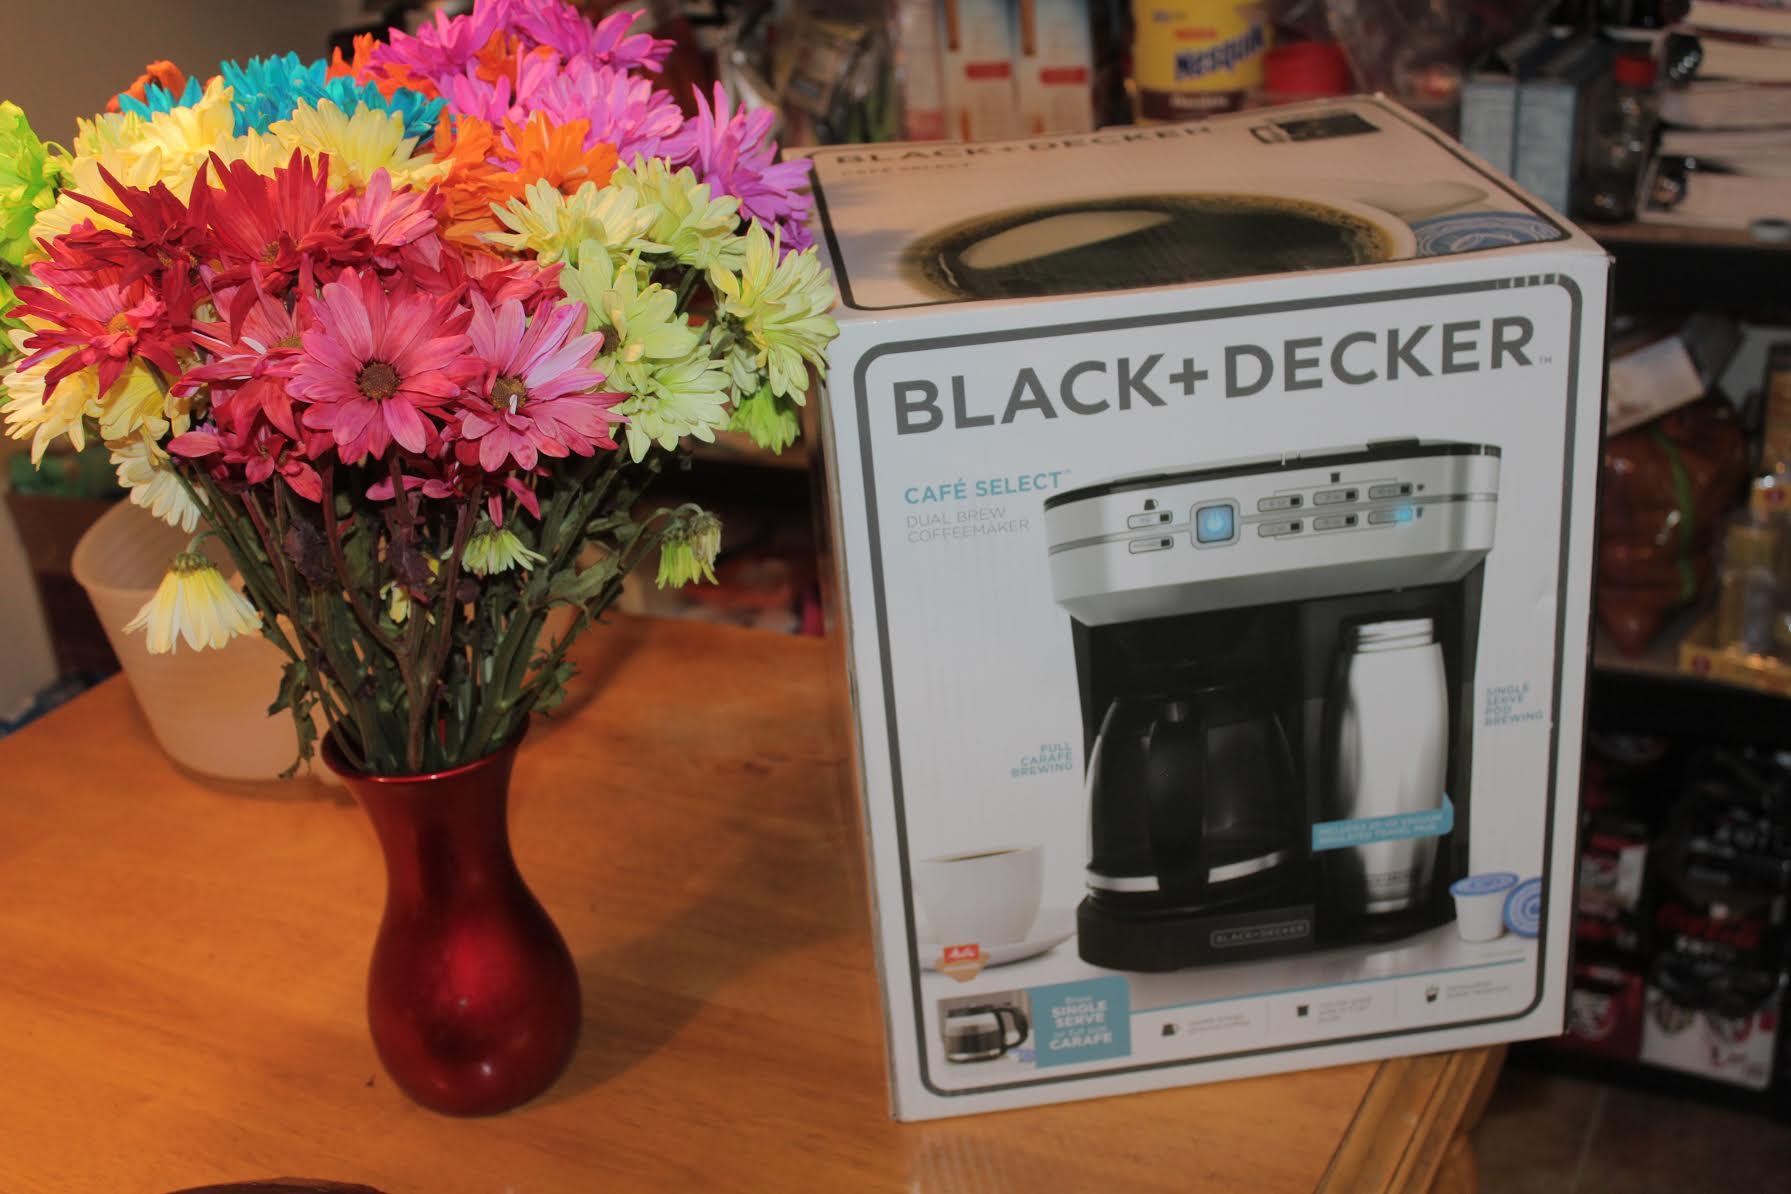 #BlackDecker #Kitchen #foodie #coffee #ad